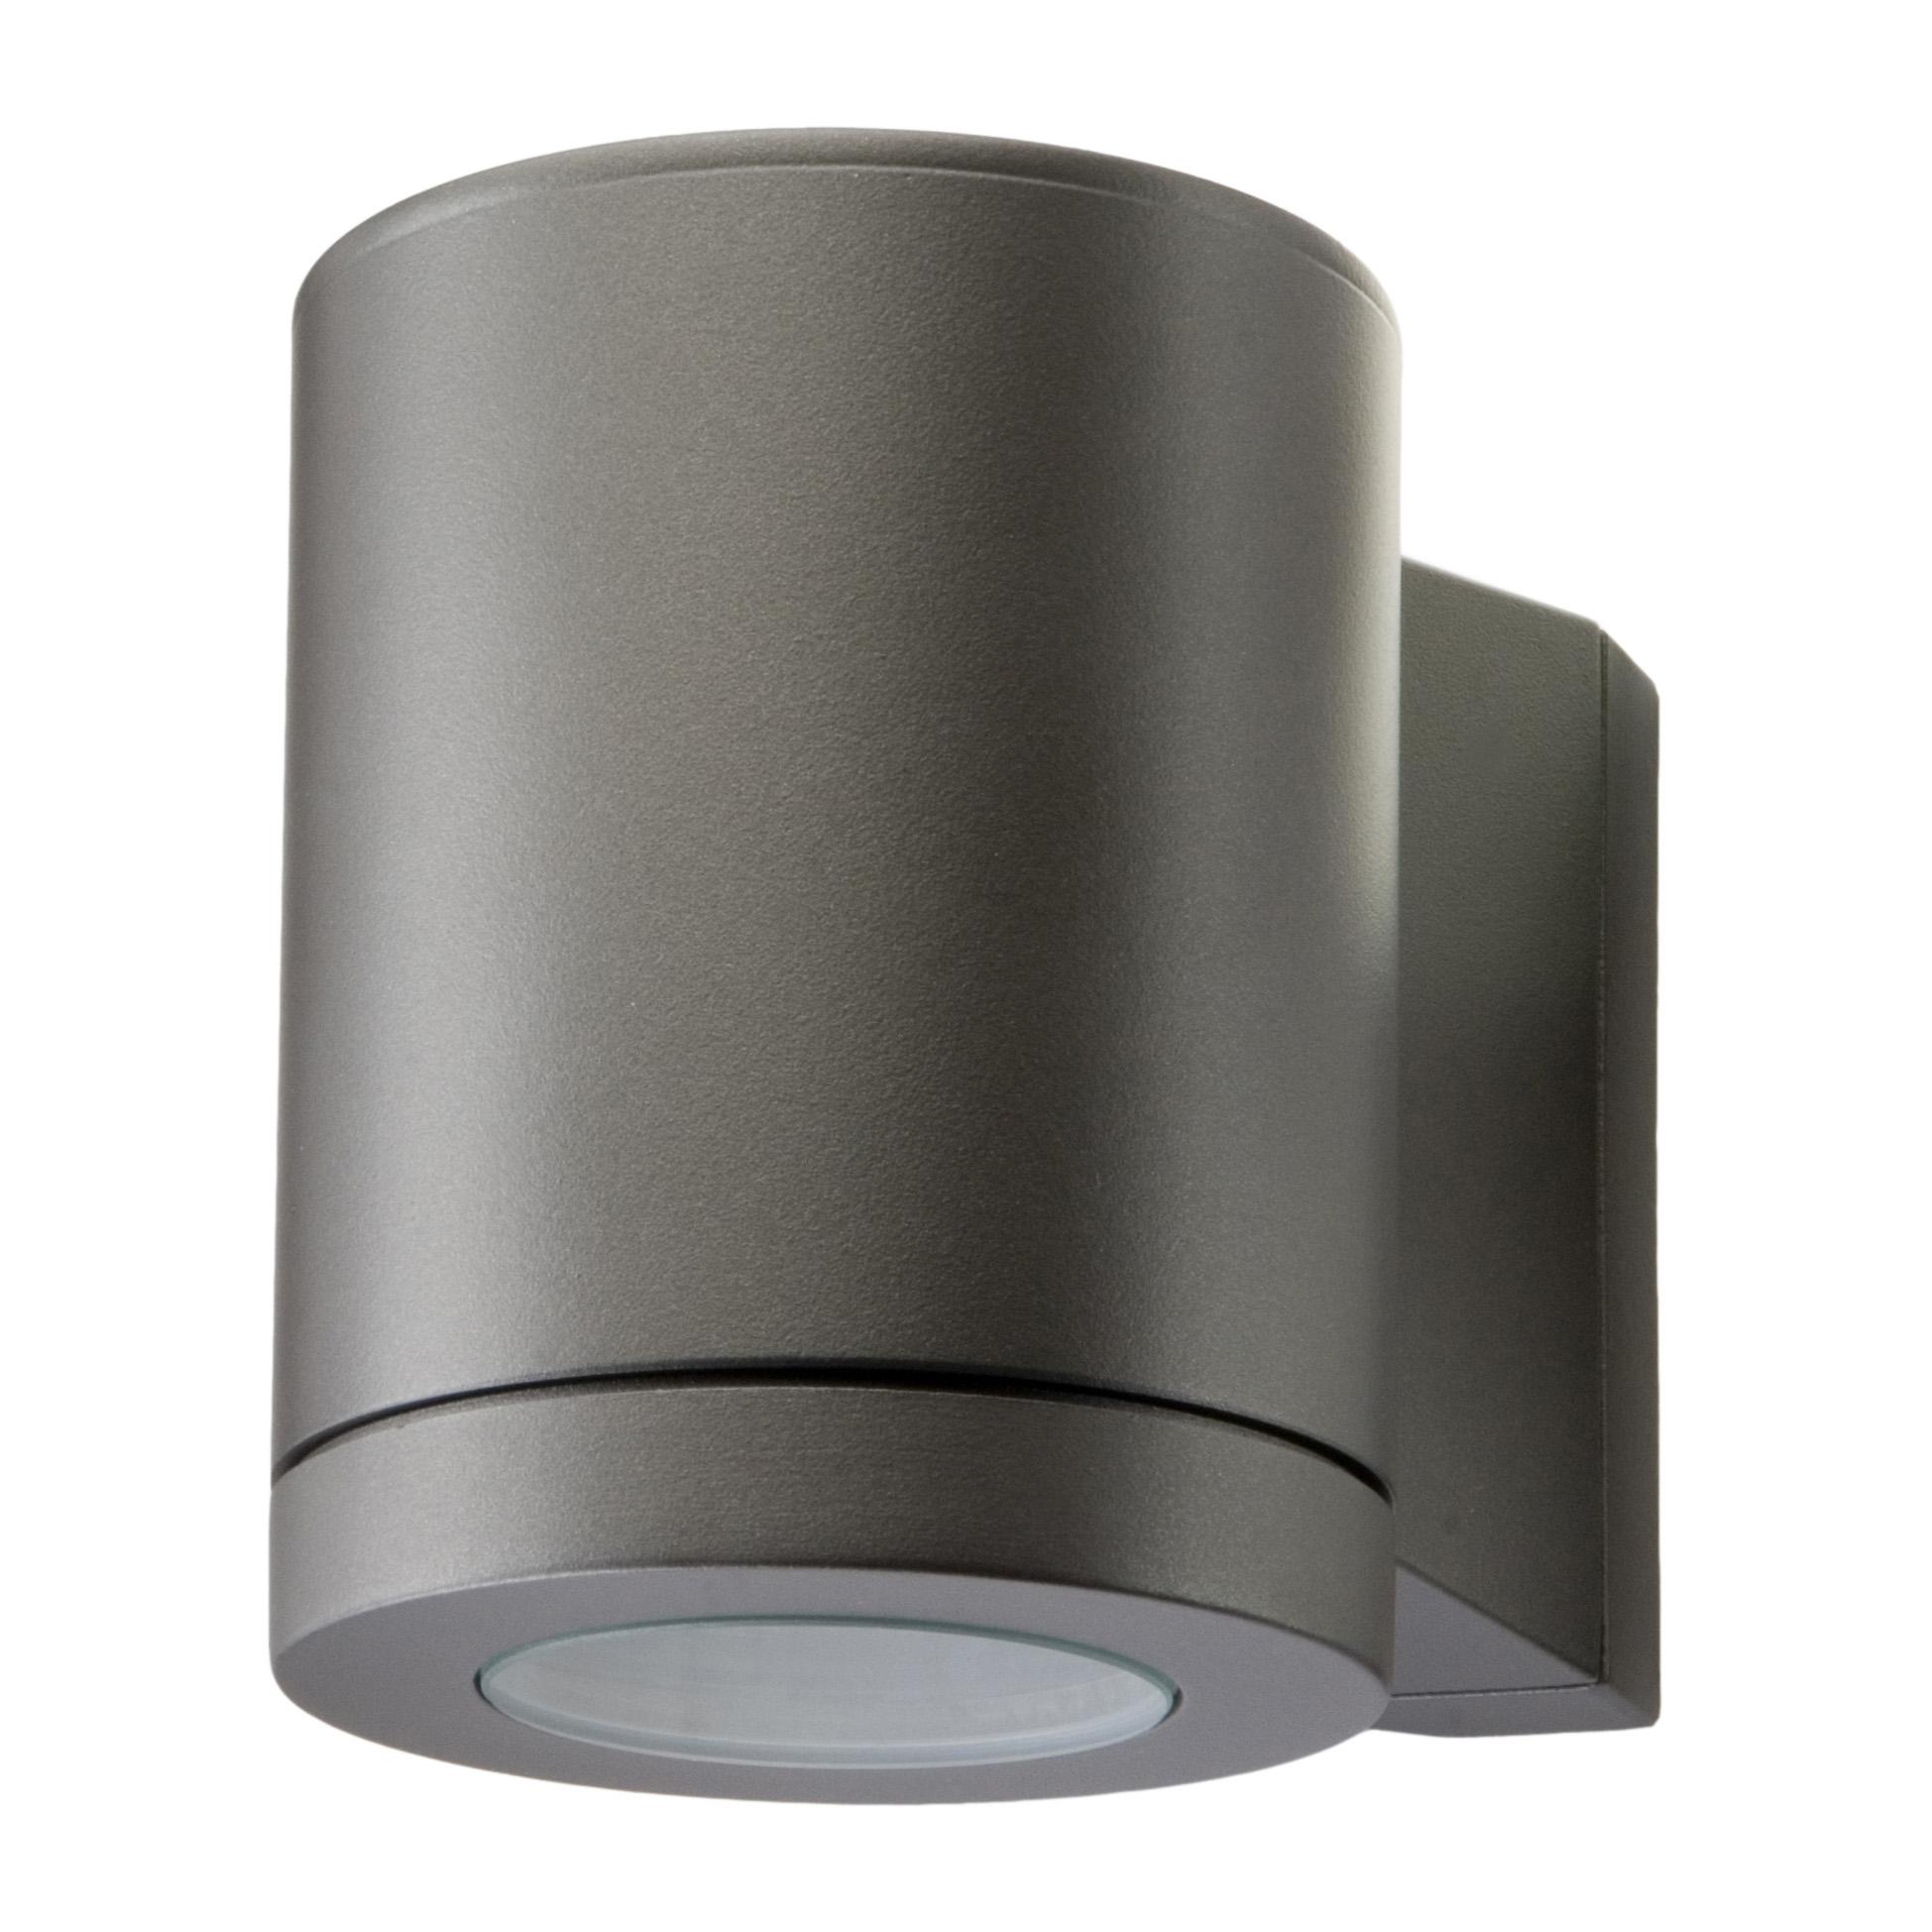 SG LED verlichting Metro 35W grafiet 623690 wand